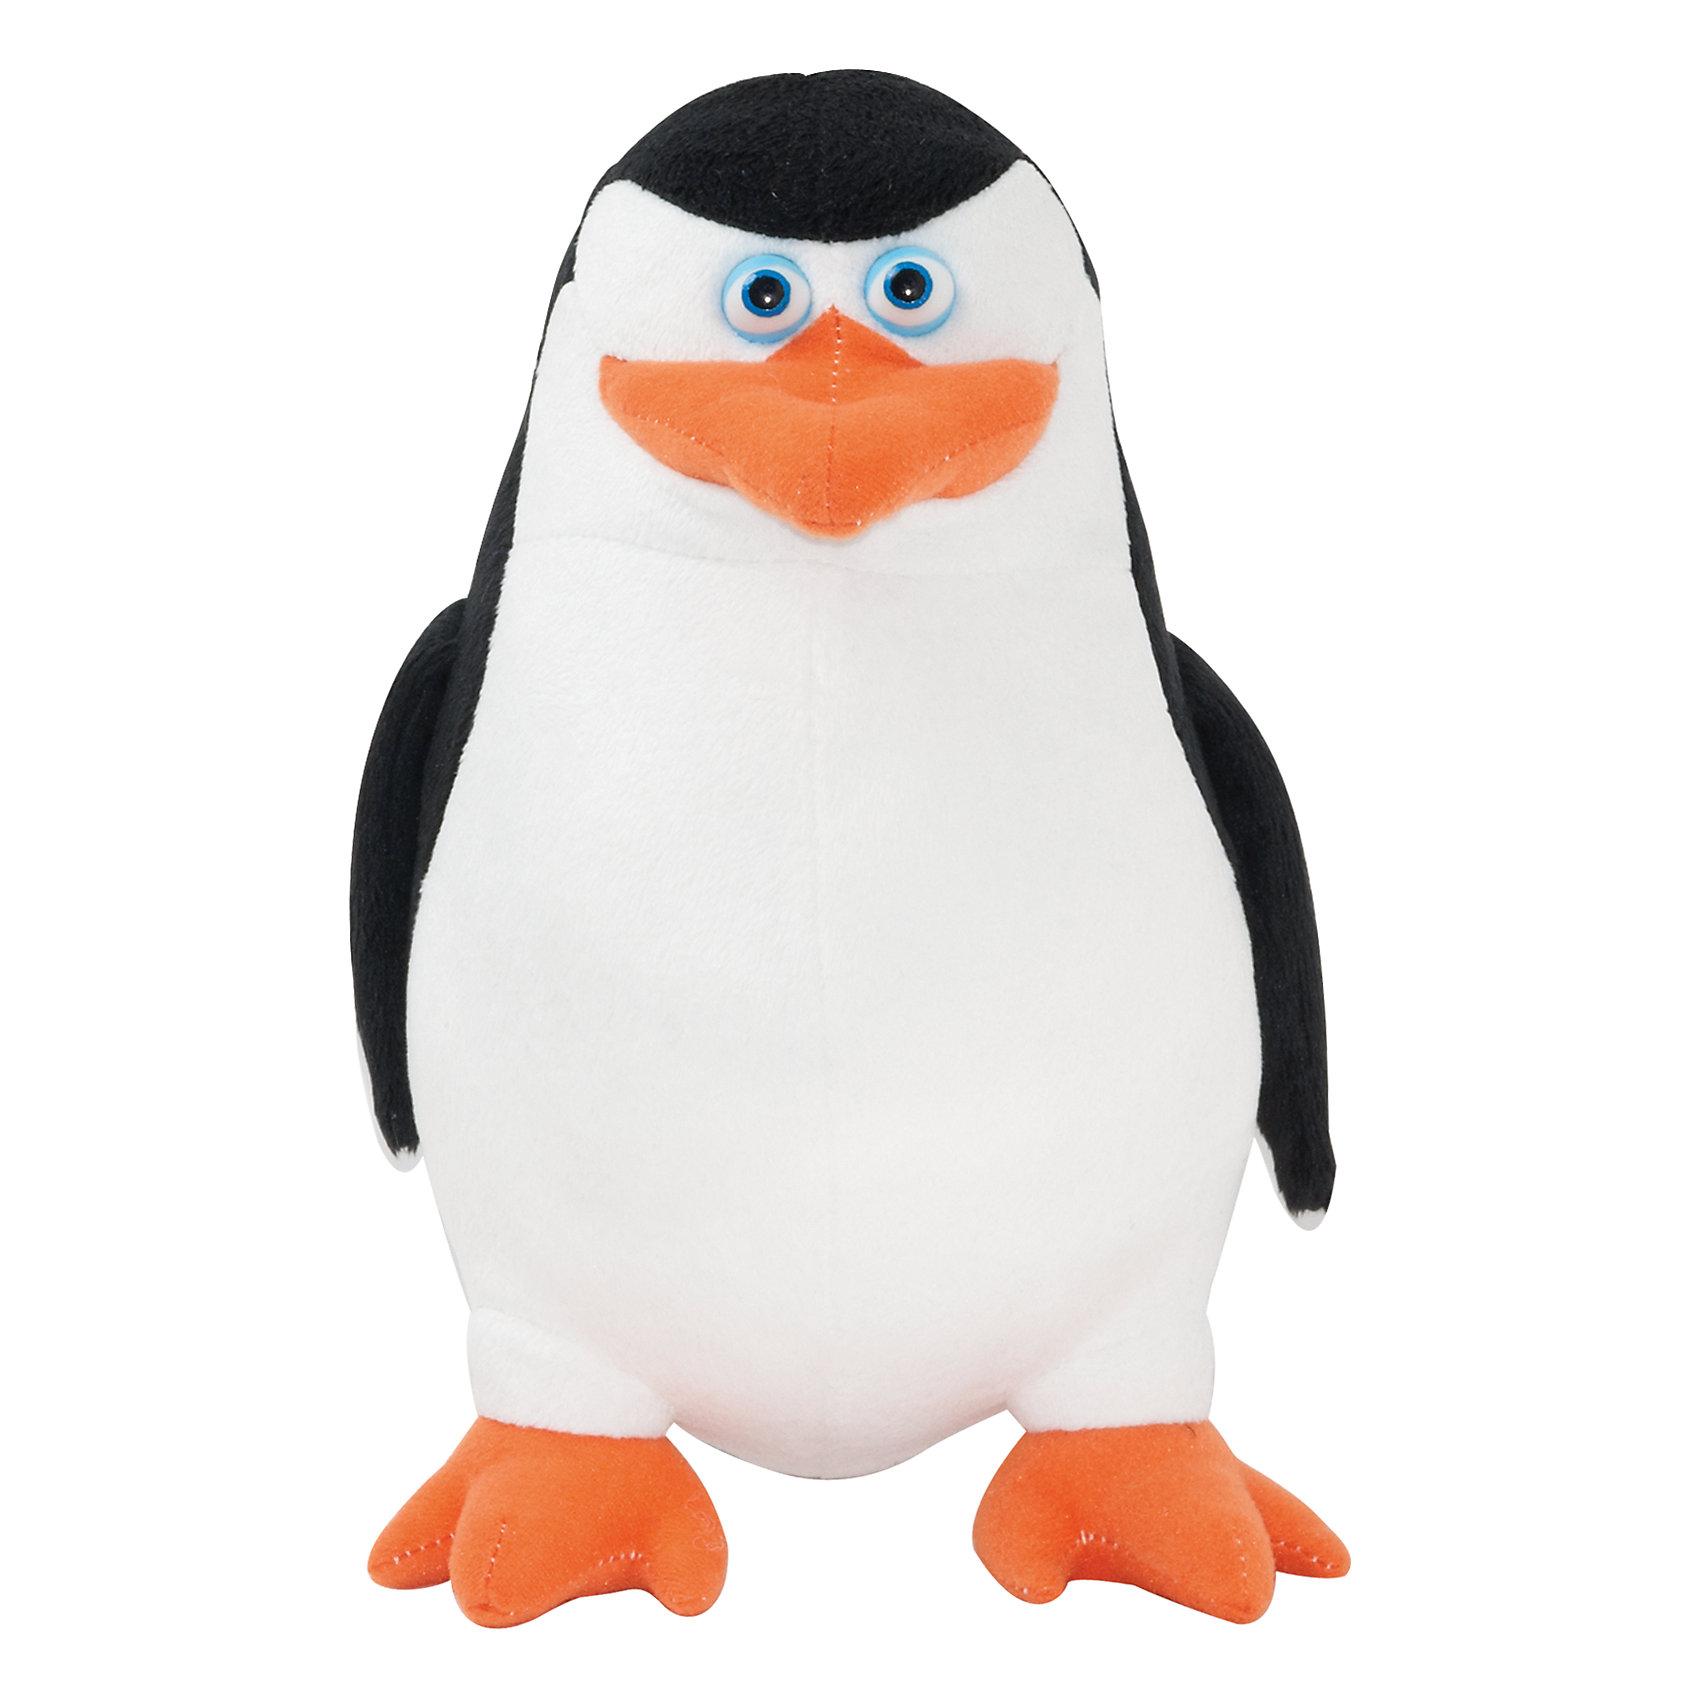 Мягкая игрушка Ковальски, Dream makersМягкие игрушки из мультфильмов<br>Характеристики:<br><br>• высота игрушки: 32 см;<br>• материал: плюш, текстиль, синтетический наполнитель. <br><br>Герой Ковальски из мультсериала Пингвины Мадагаскара выполнен из плюша. Мягкий и приятный на ощупь, пингвин будет сопровождать малыша во время сна и прогулок. Мягкие игрушки играют важную роль в развитии ребенка.<br><br>Мягкую игрушку Ковальски, Dream makers можно купить в нашем магазине.<br><br>Ширина мм: 130<br>Глубина мм: 130<br>Высота мм: 320<br>Вес г: 240<br>Возраст от месяцев: 36<br>Возраст до месяцев: 2147483647<br>Пол: Унисекс<br>Возраст: Детский<br>SKU: 5268990